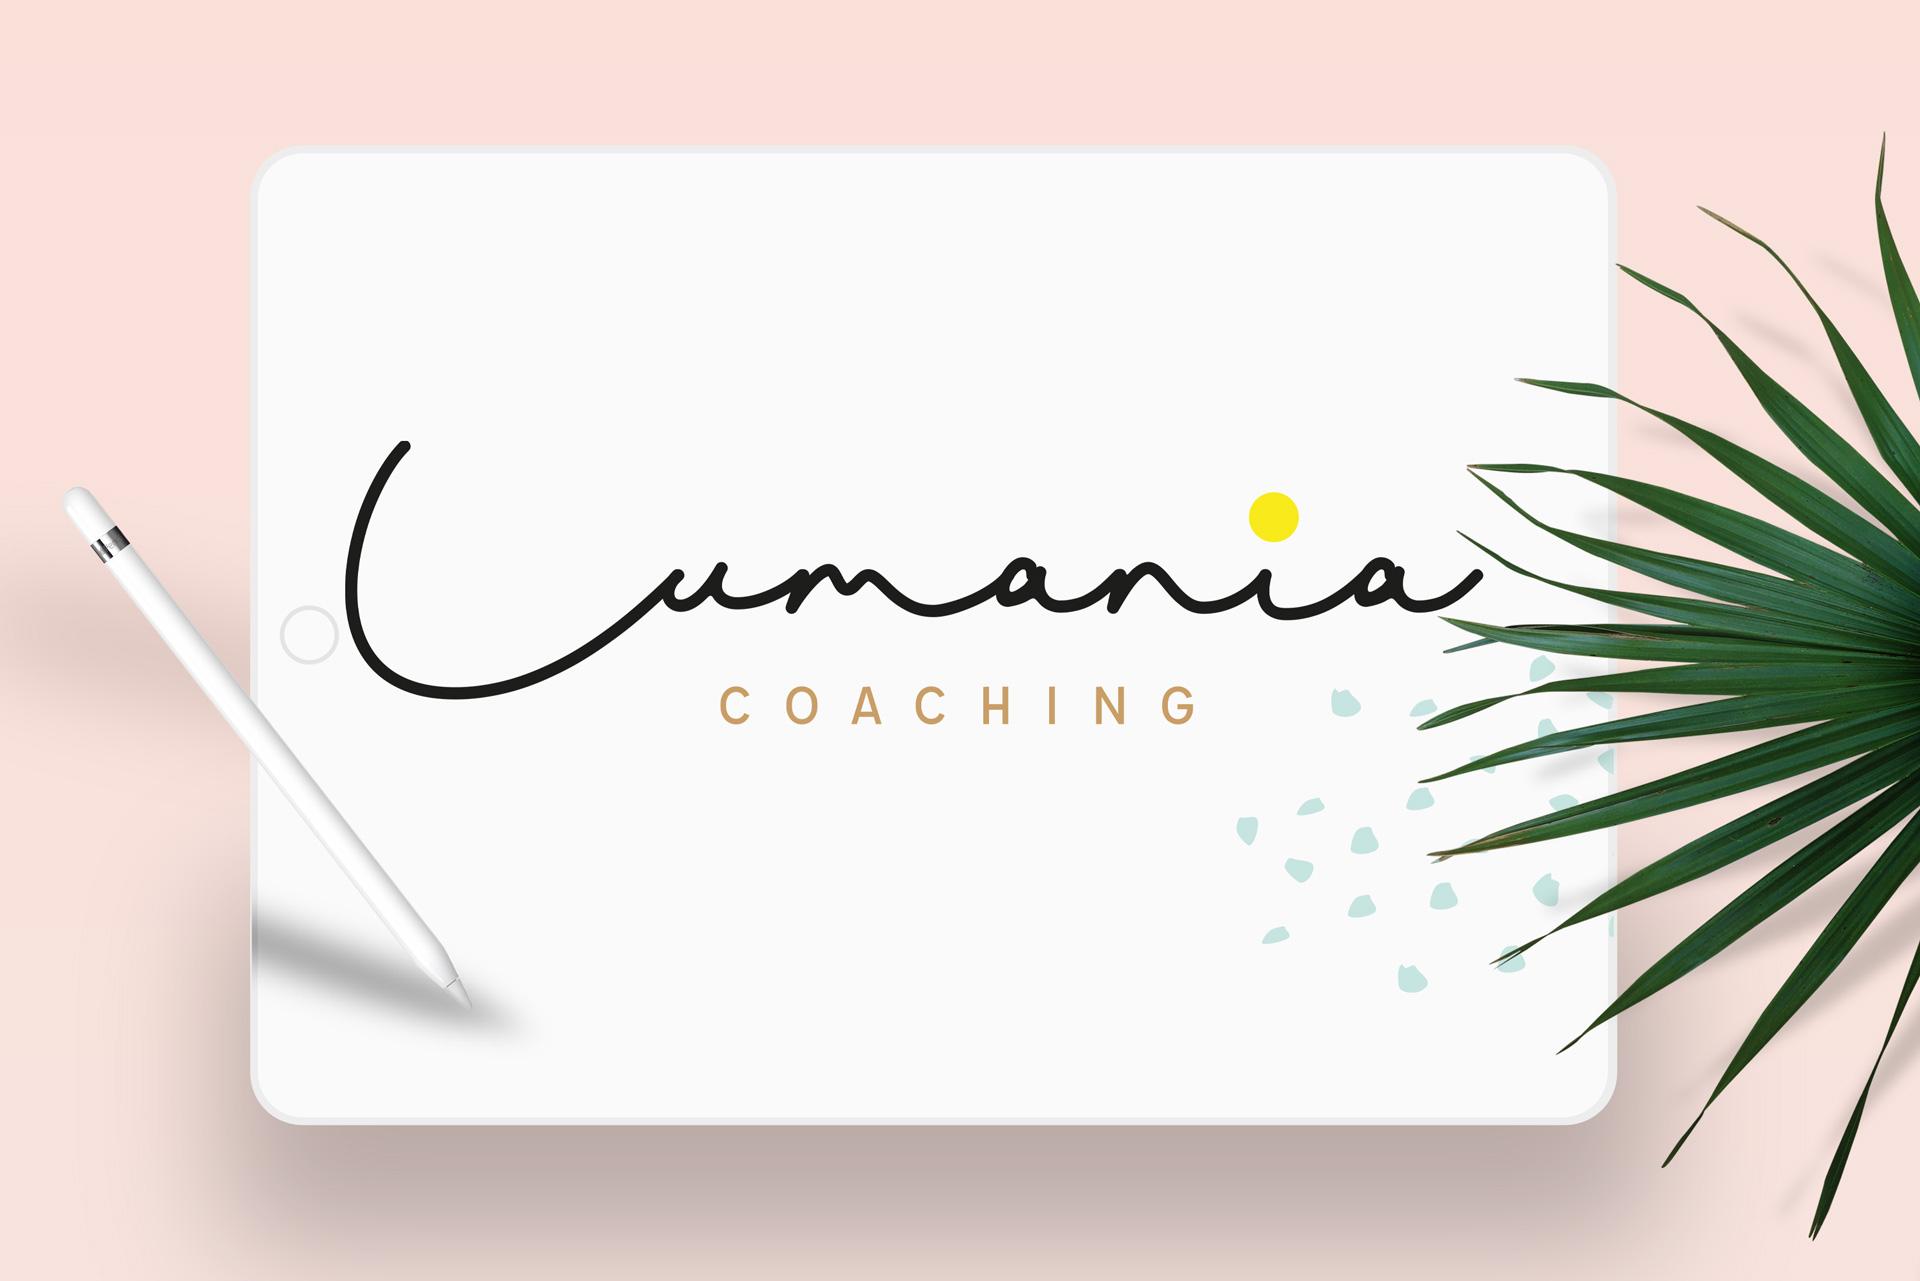 logo-lumania-coaching-coqueliko